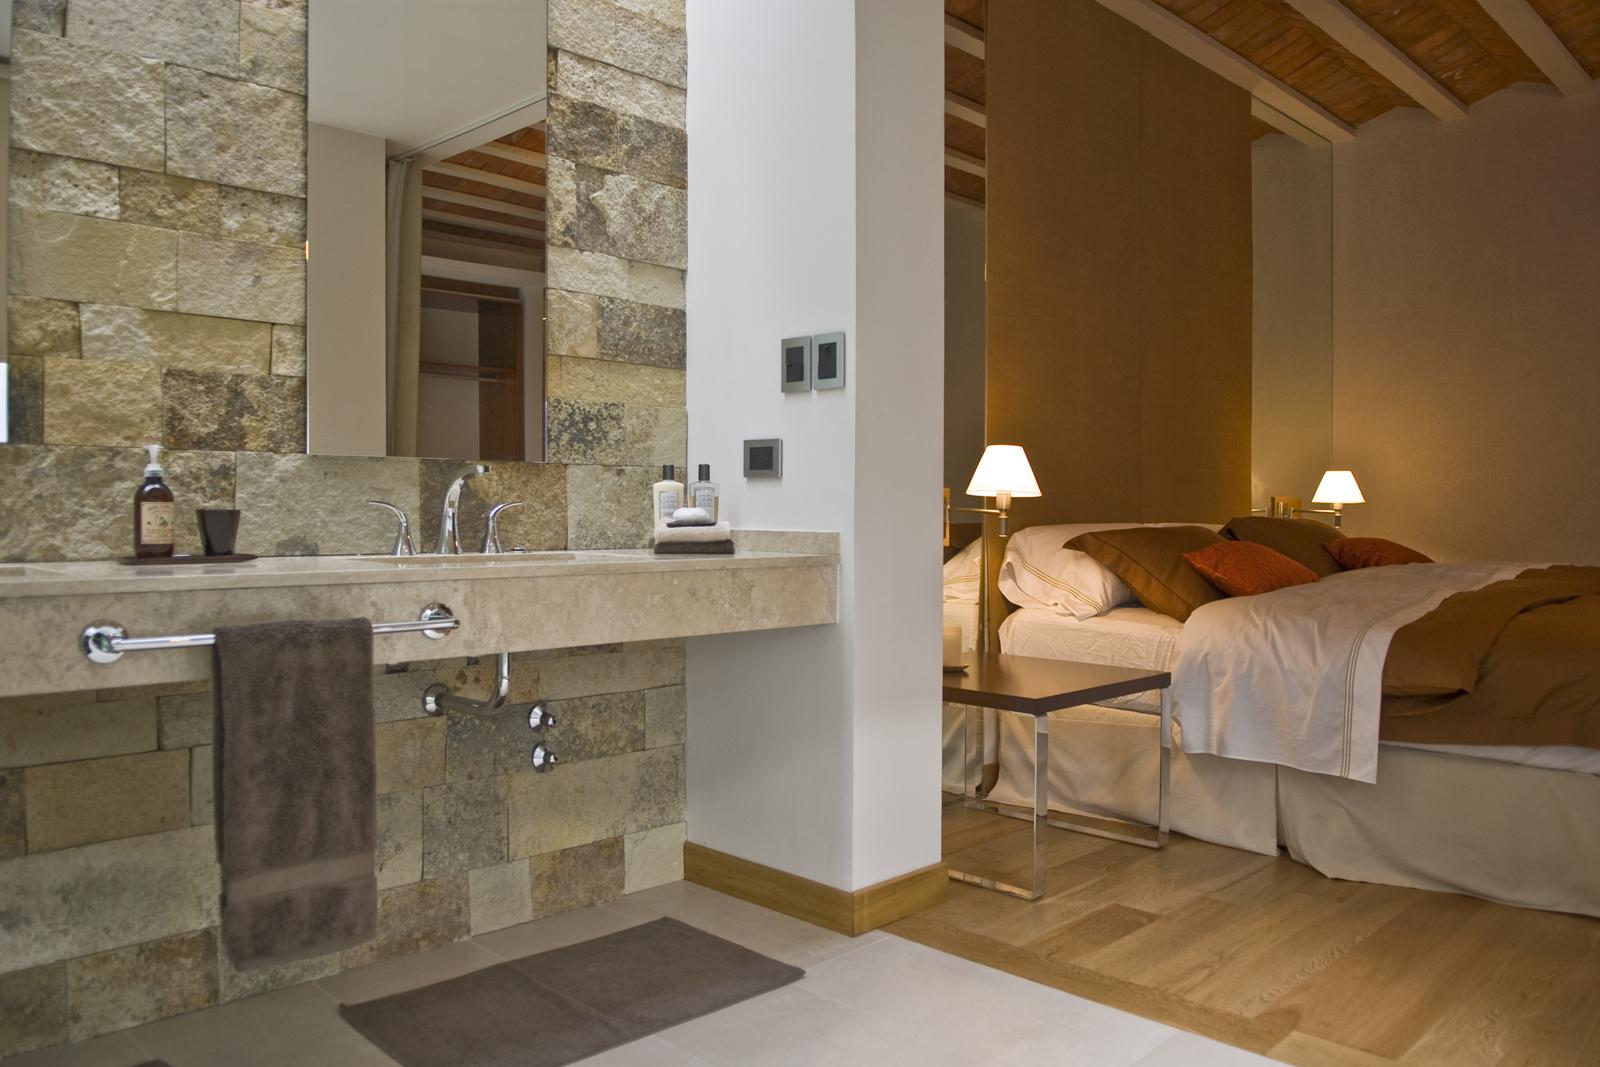 Lavatorio Baño Pequeno:Cuanto cuesta remodelar un BAÑO? – arquitecta moriello I estudio